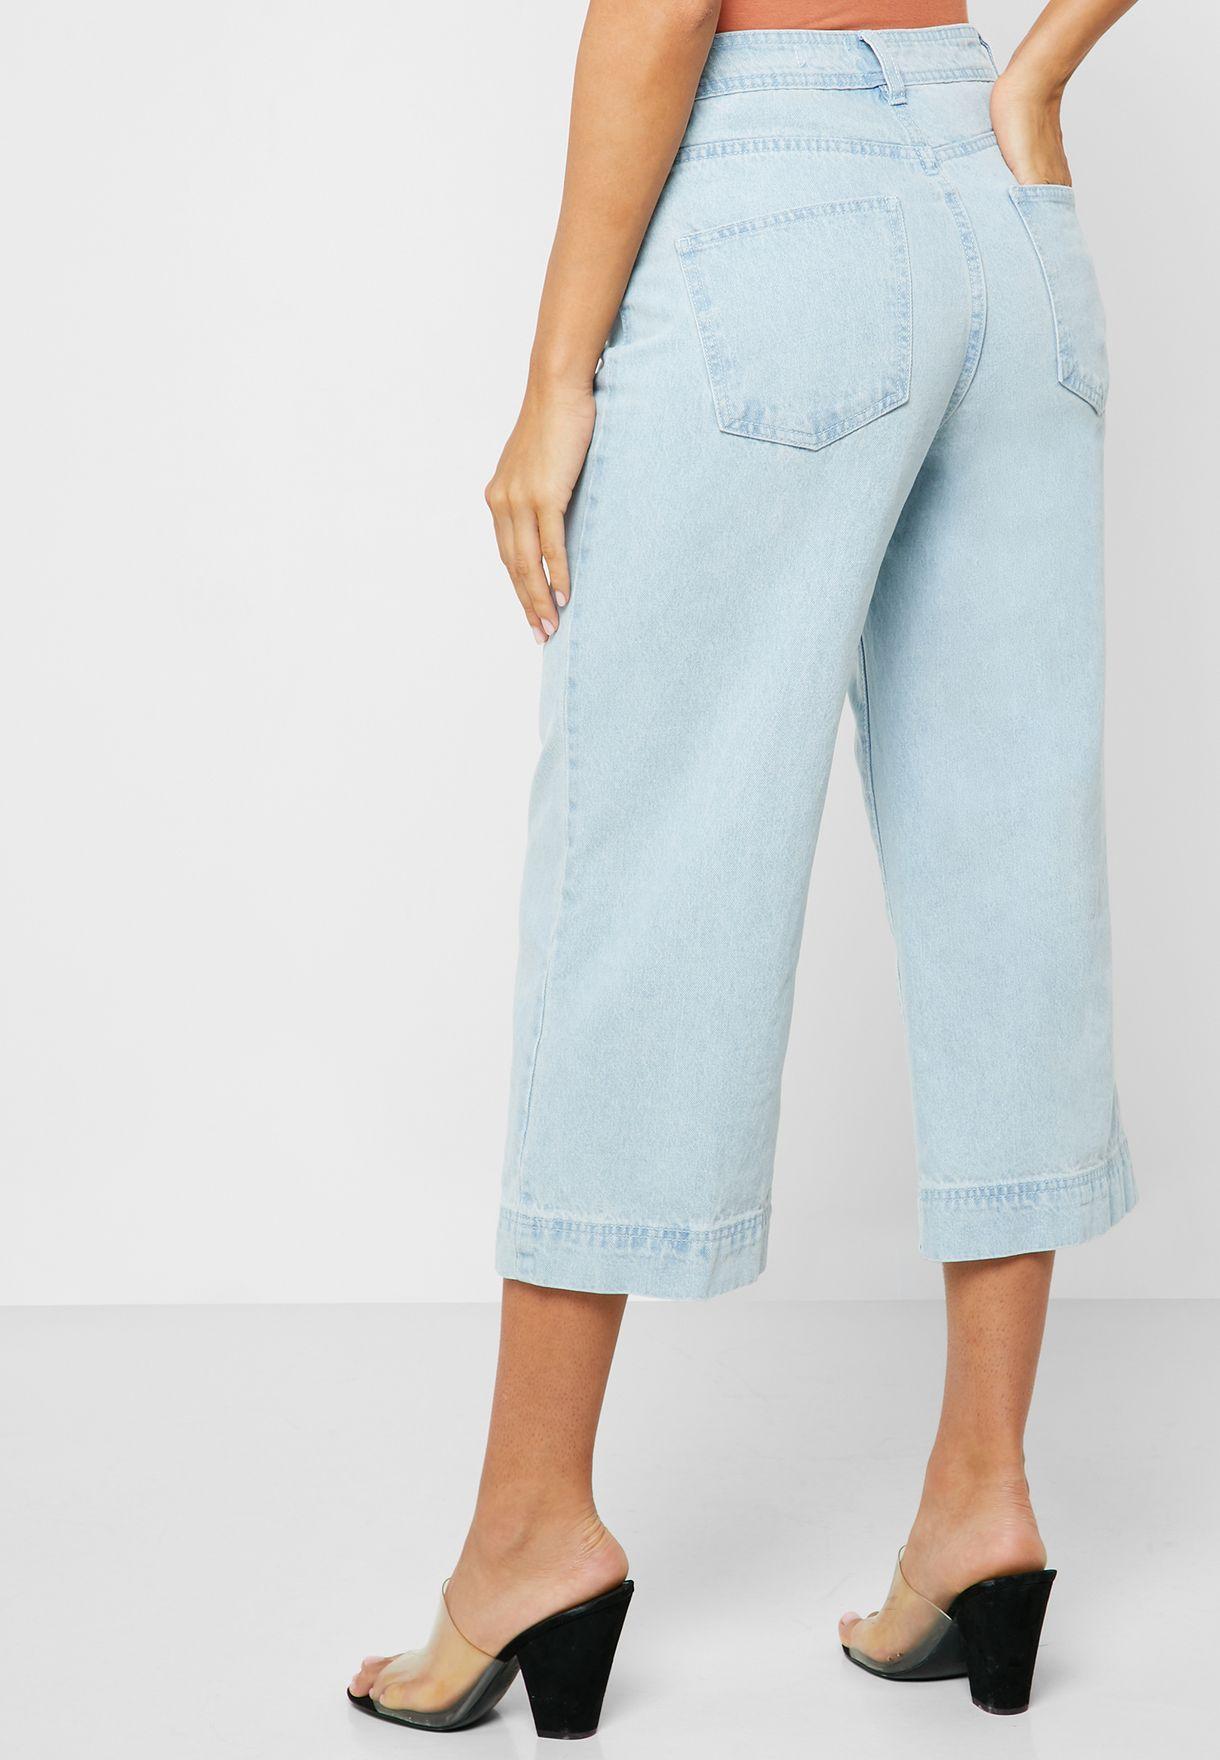 جينز قصير وبقصة ارجل واسعة